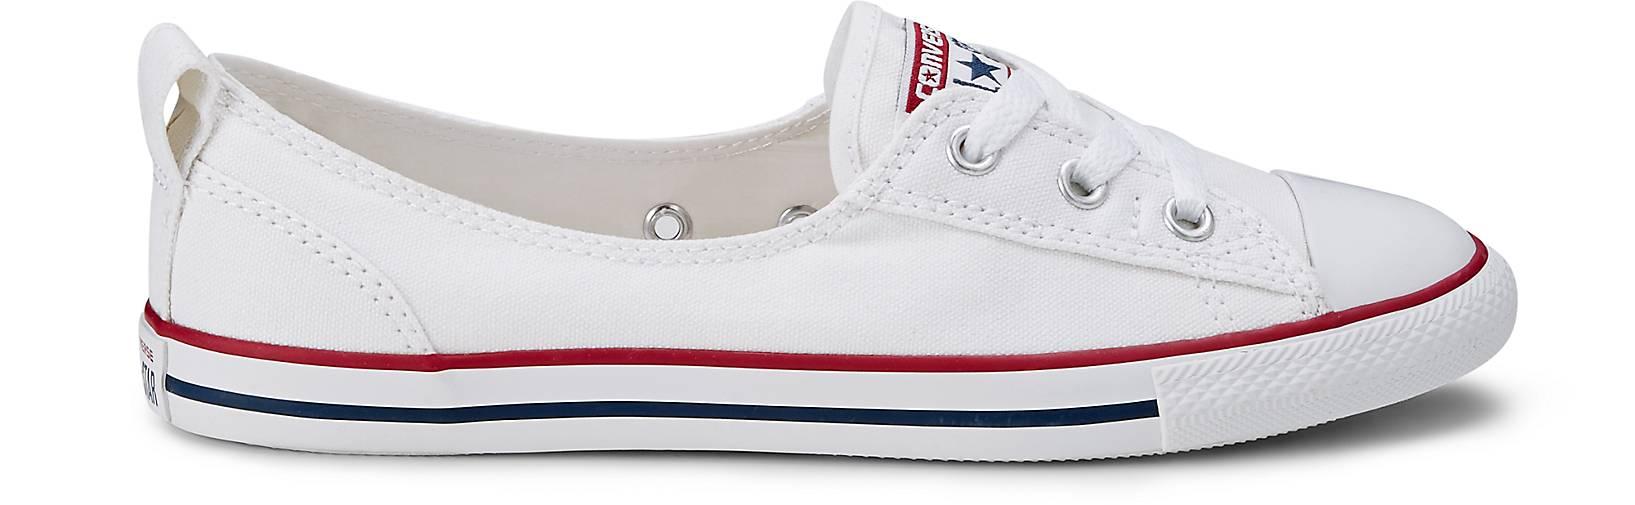 Converse CTAS CTAS CTAS BALLET LACE in weiß kaufen - 43806603 GÖRTZ Gute Qualität beliebte Schuhe 30594c